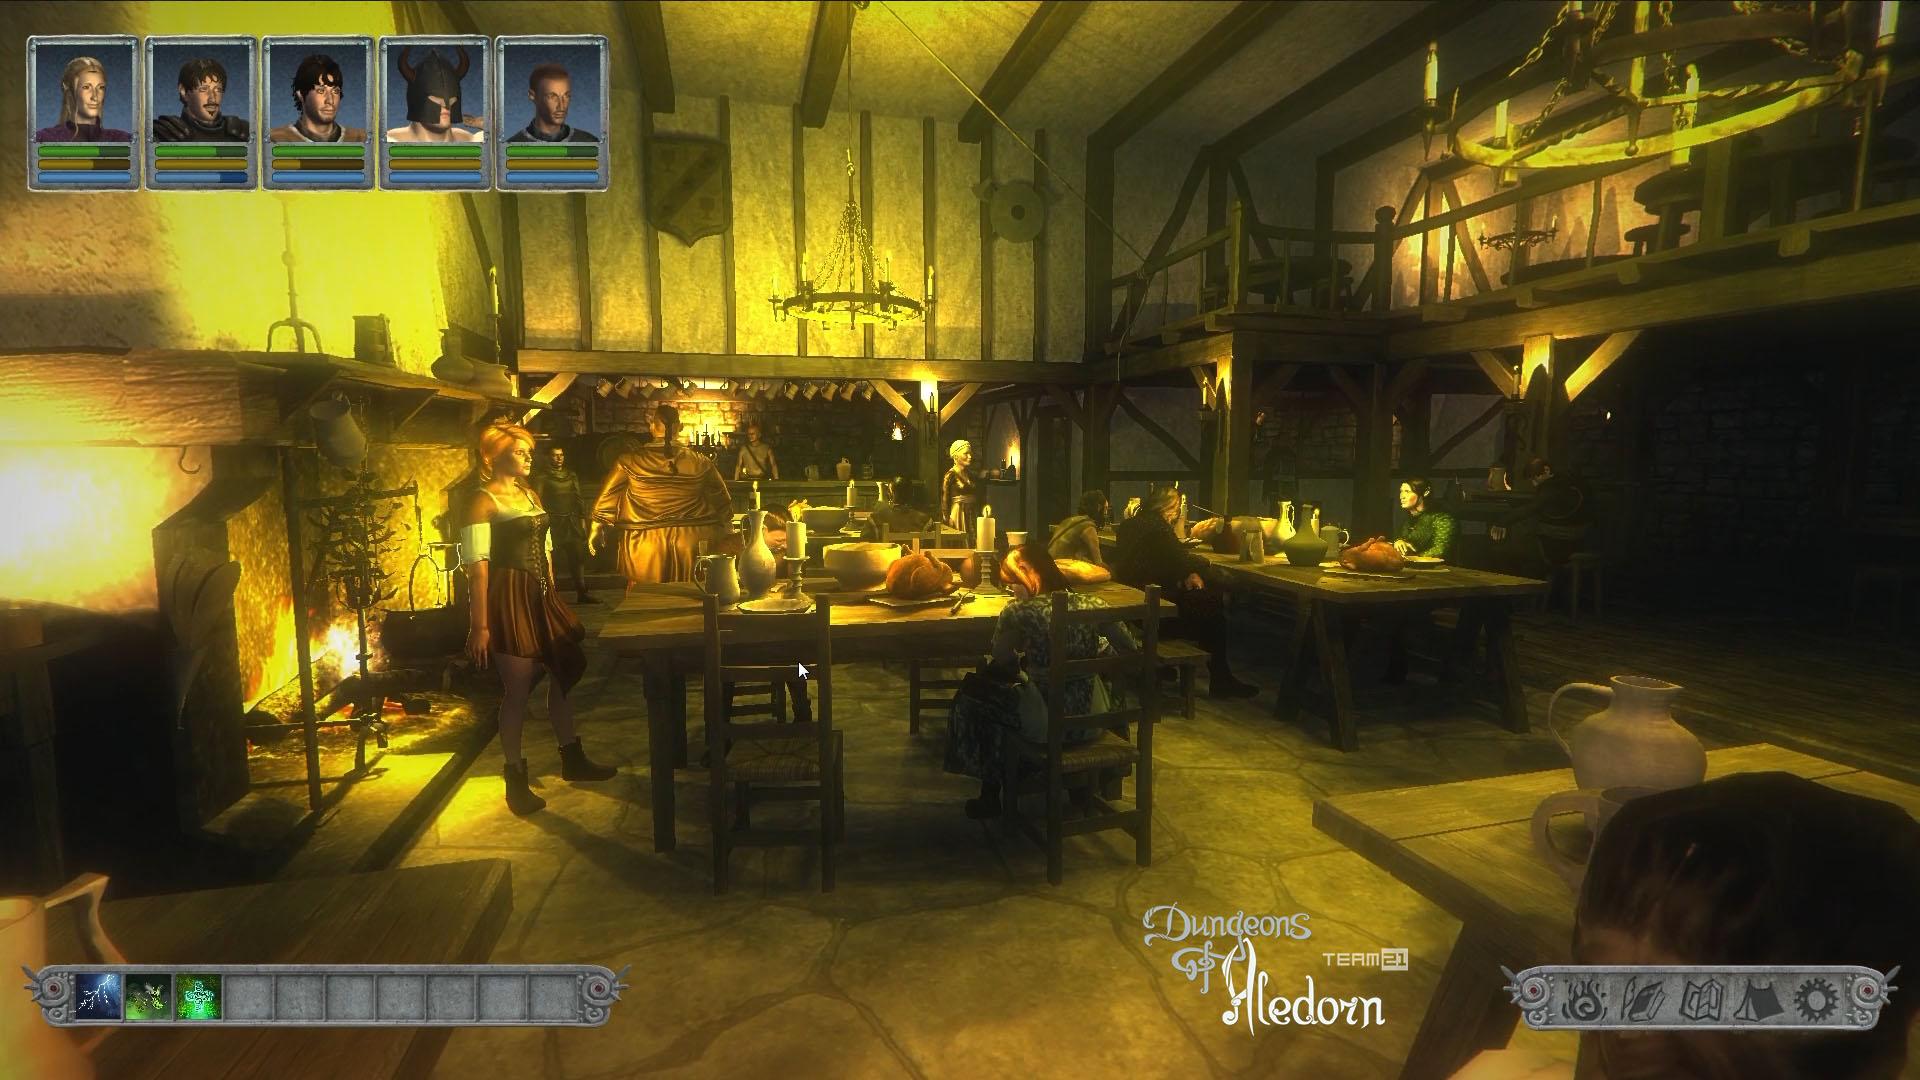 České hardcore RPG Dungeons of Aledorn započalo svou kampaň na Kickstarteru 107022